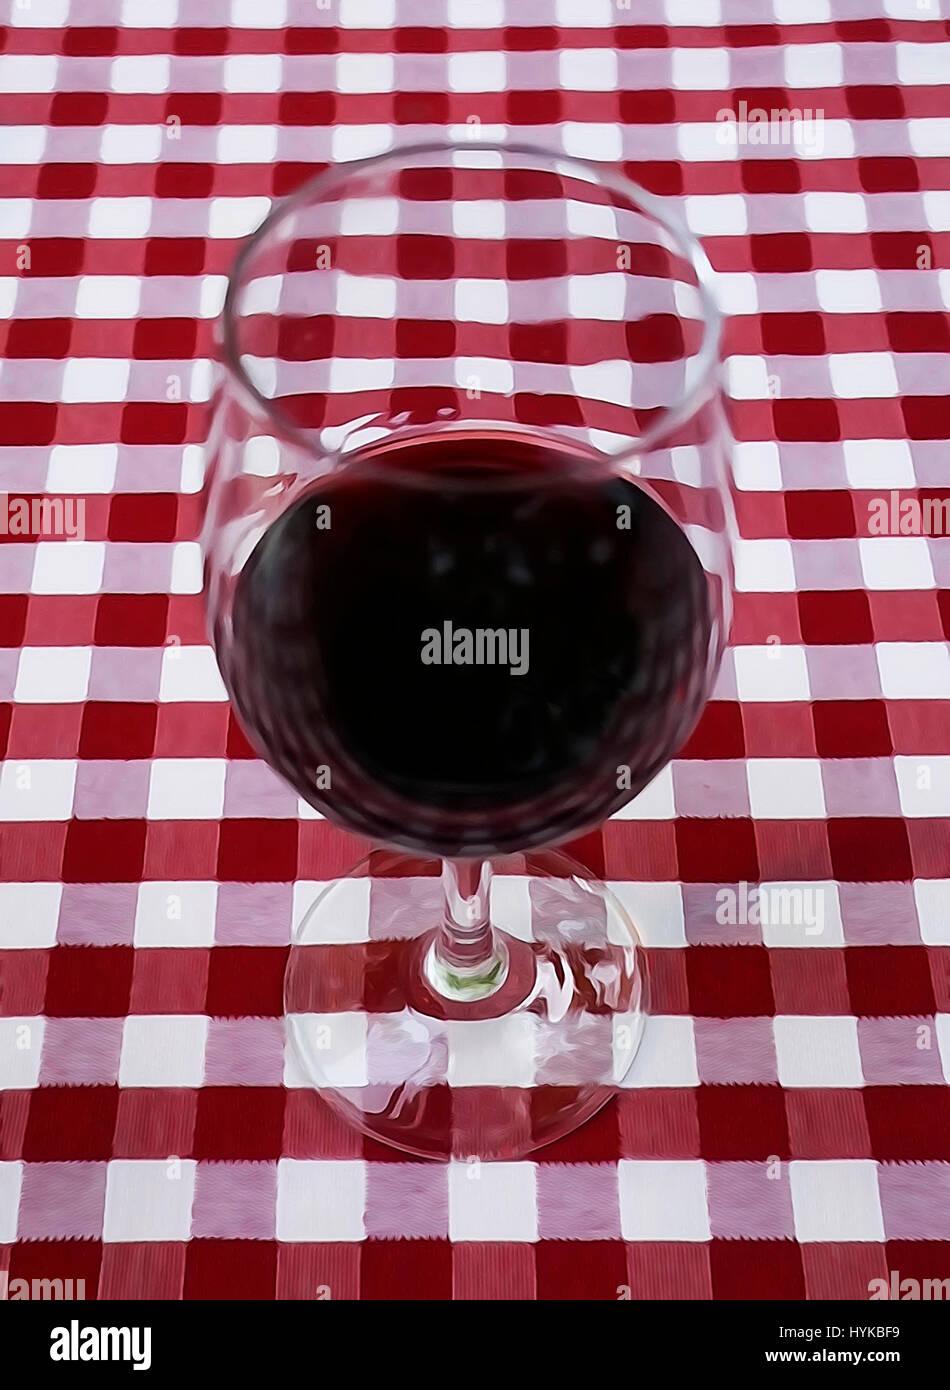 Rotwein im Glas auf roten Tischdecke. Stockbild